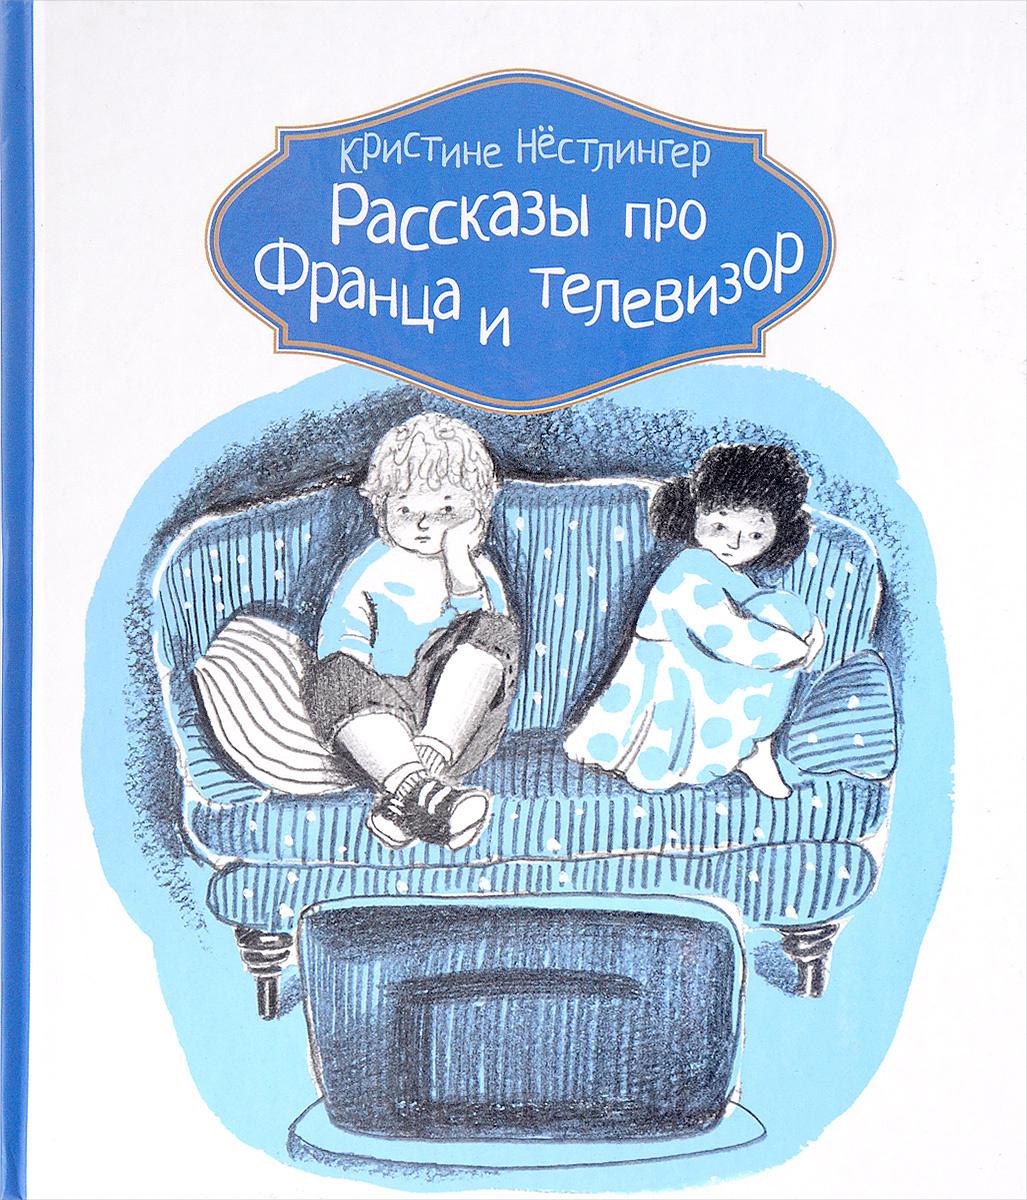 Рассказы про Франца и телевизор #1